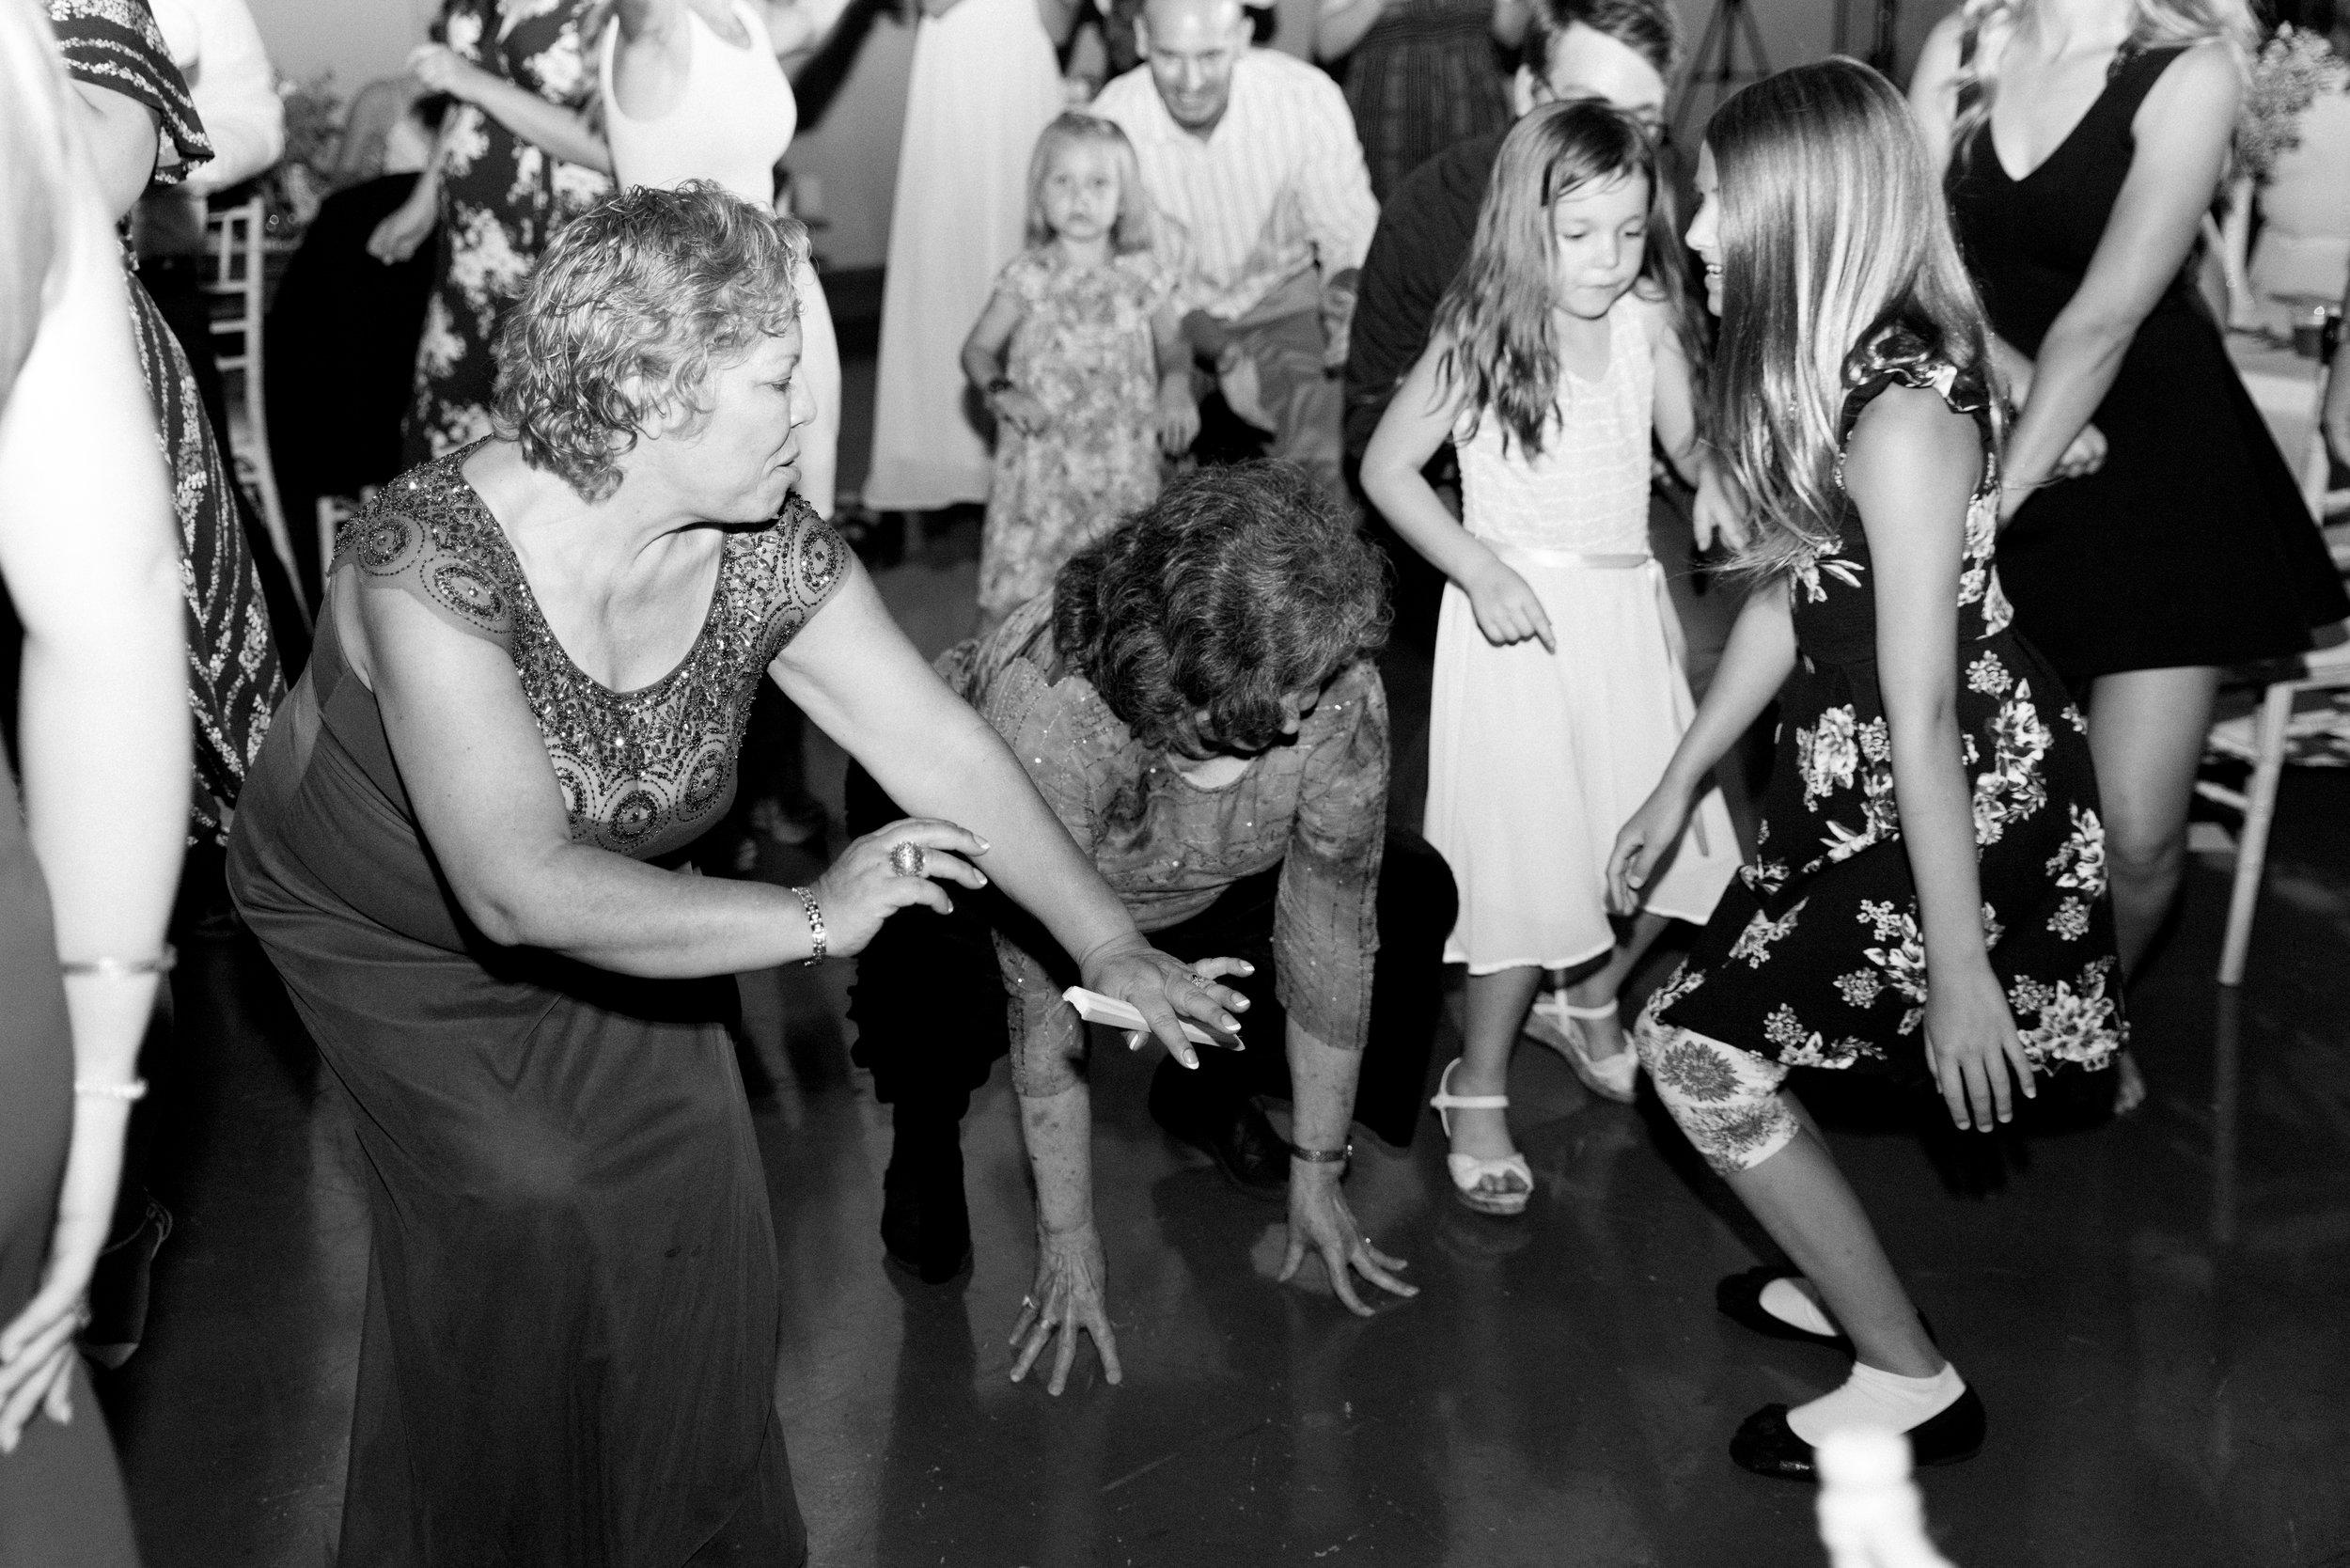 wedding reception dancing canyonwood ridge